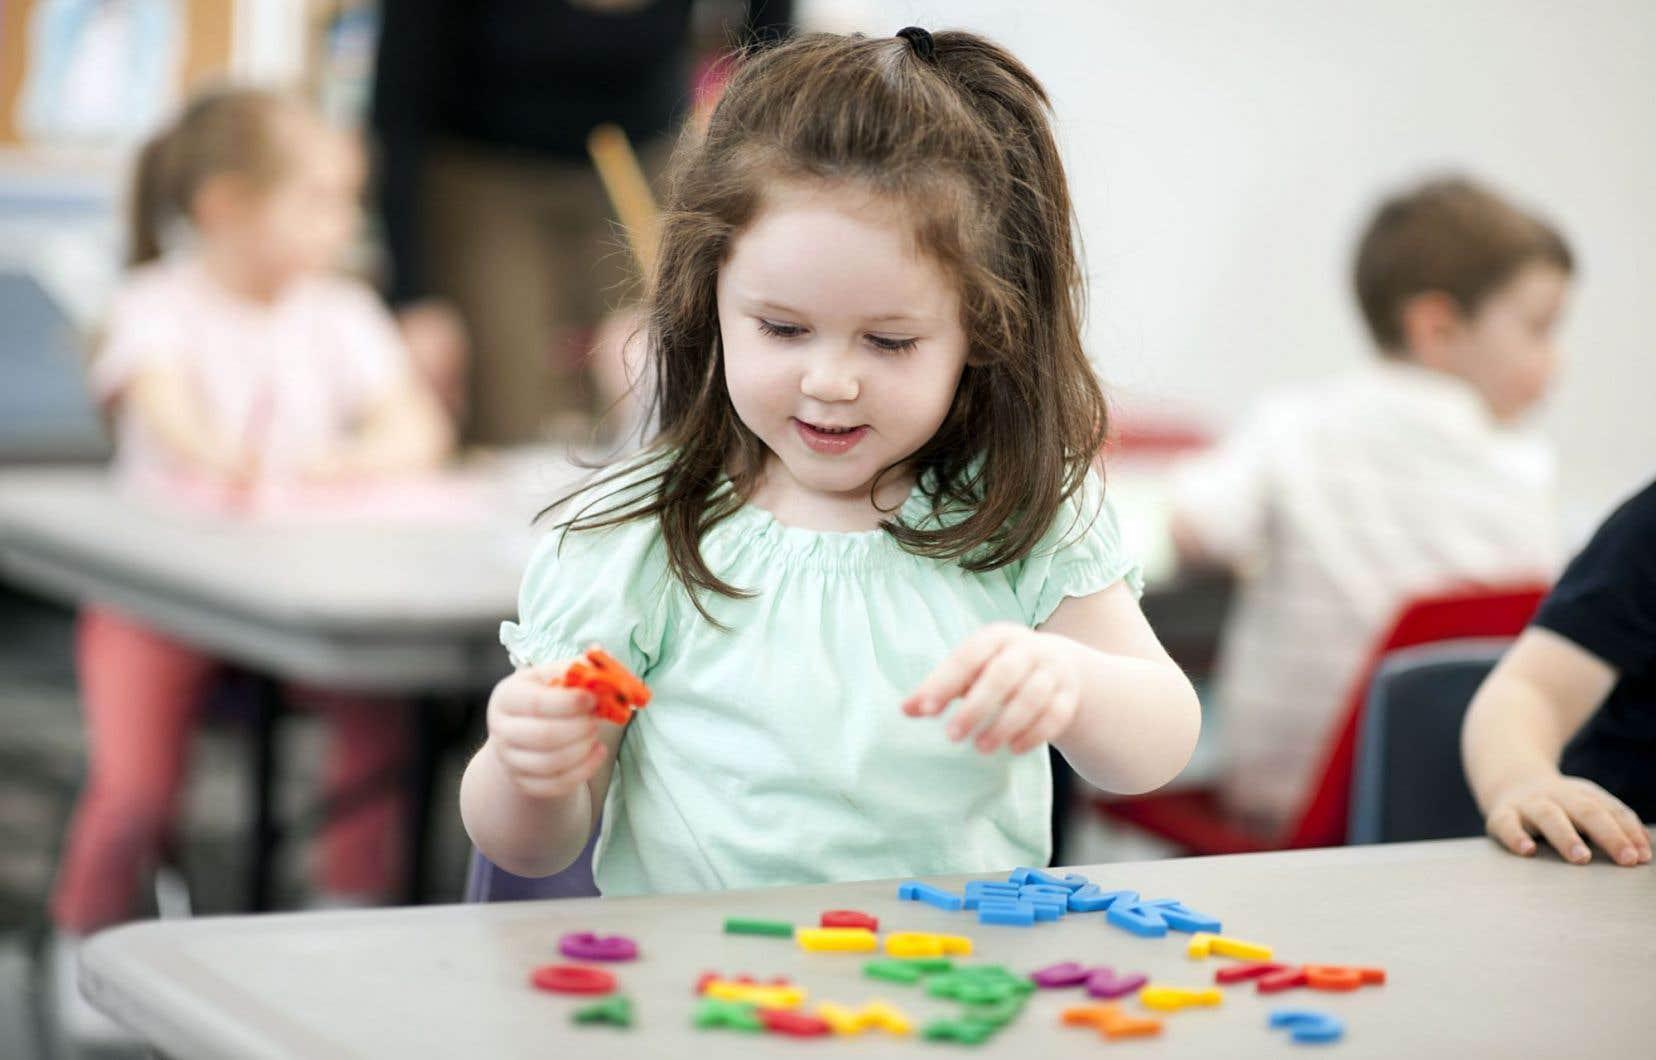 «Il est essentiel que le prochain Programme de formation de l'école québécoise pour la maternelle 4ans comporte comme objet d'apprentissage la connaissance de lettres, l'un des plus importants facteurs de succès pour la réussite de l'apprentissage de la lecture», souligne MmeBrodeur.